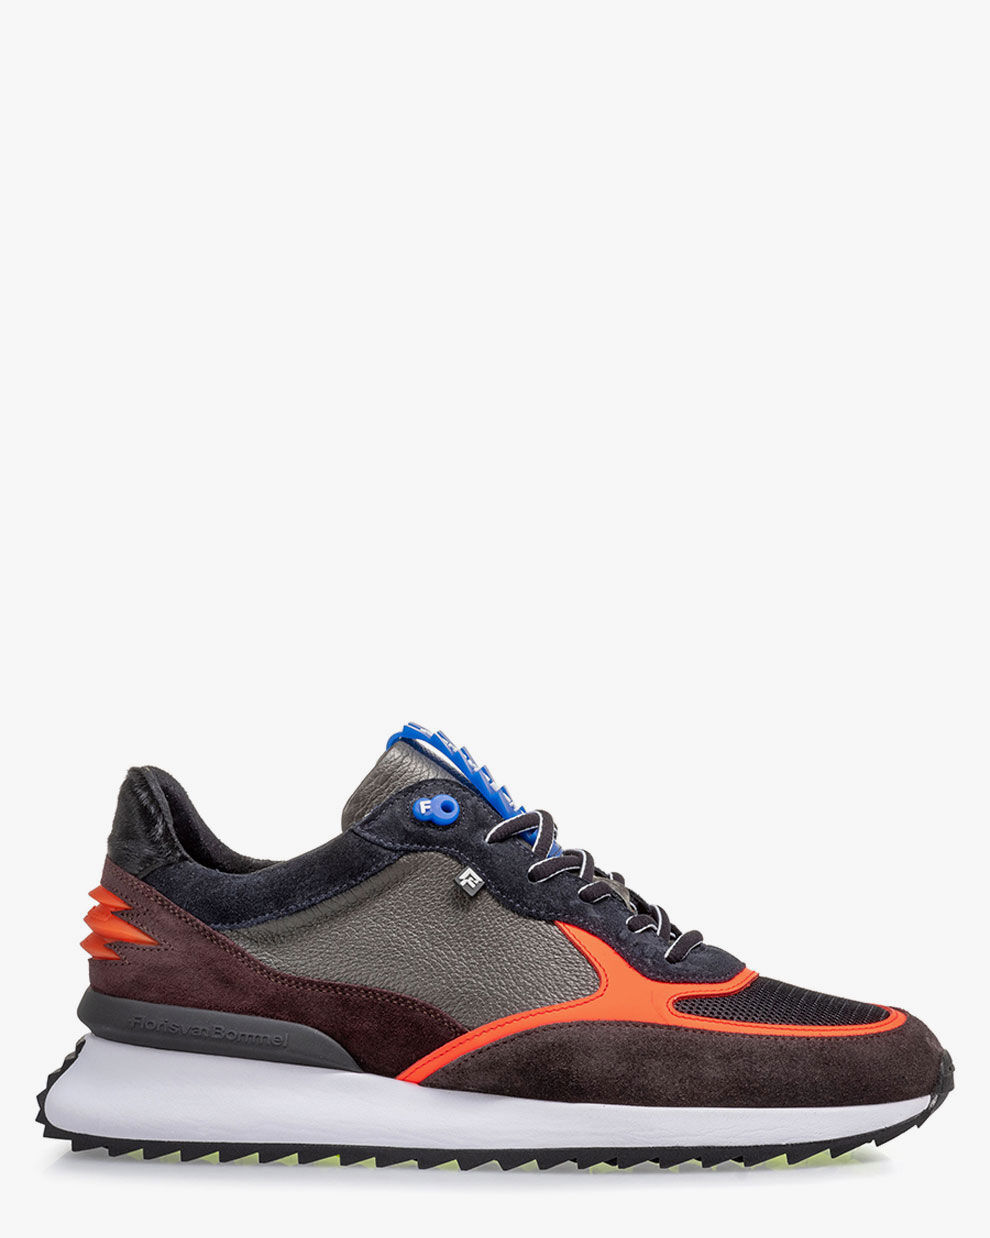 Men's shoes | Floris van Bommel Official®